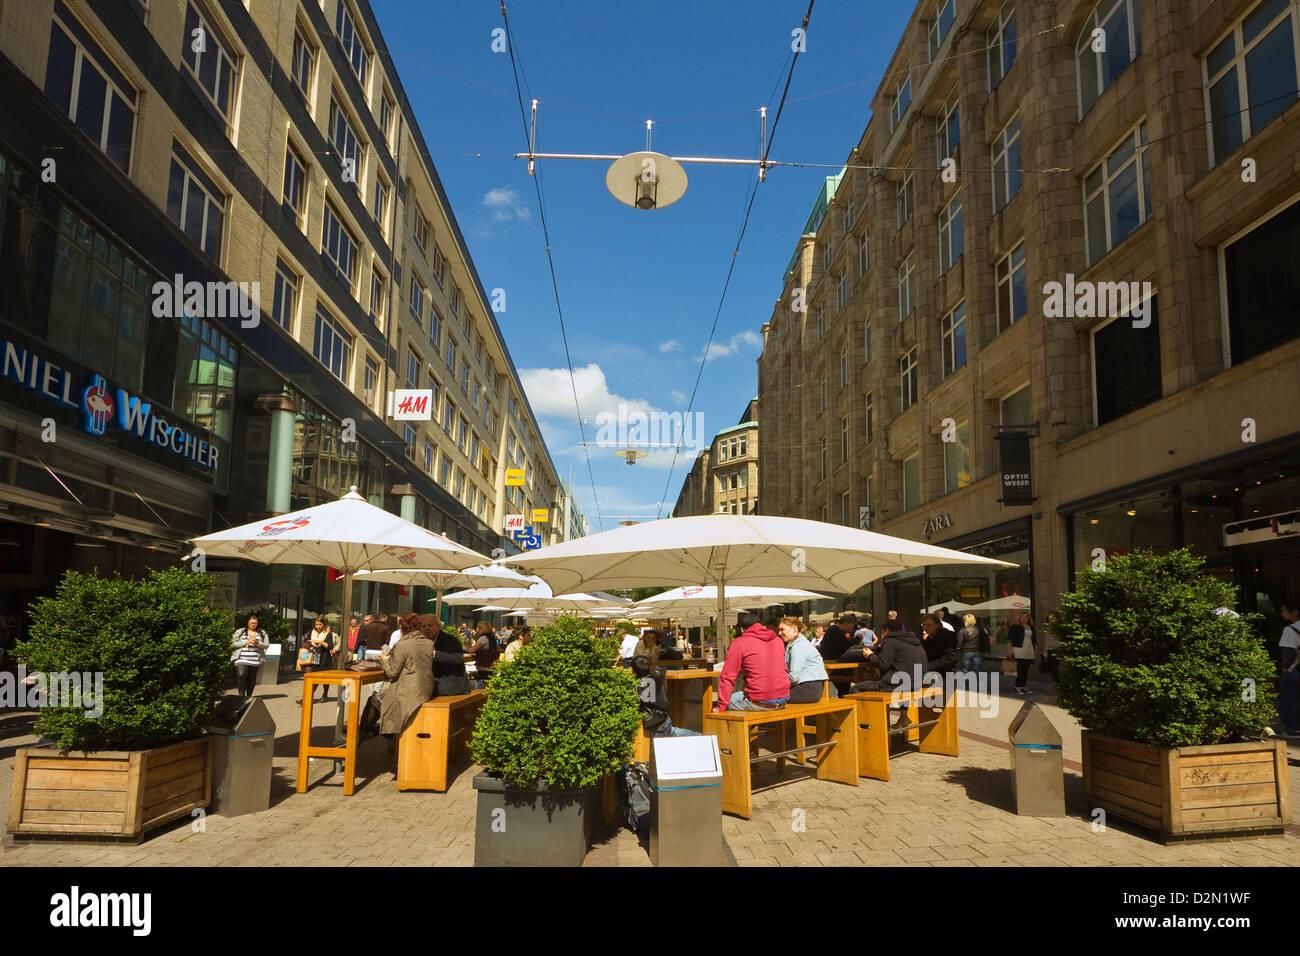 Leute sitzen im Freien unter Sonnenschirmen vor Restaurant auf verkehrsberuhigten shopping Street, Spitalerstraße, Stockbild